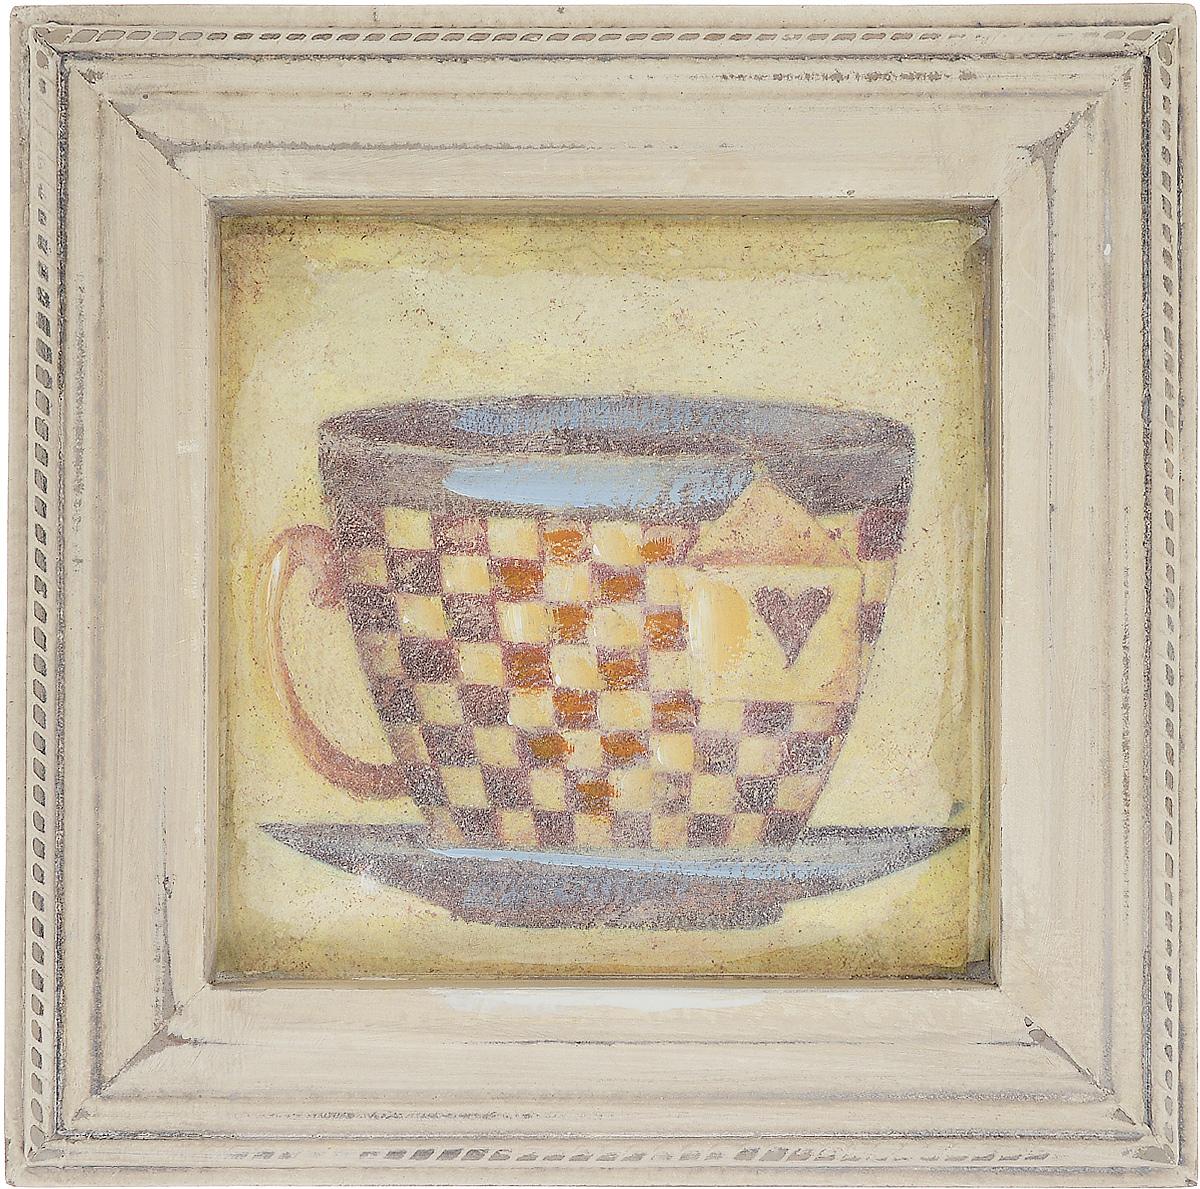 Картина-репродукция Феникс-Презент Чашка чая, 23,5 х 23,5 х 2 смRG-D31SКартина-репродукция Феникс-презент Чашка чая в рамке из МДФ выполнена печатью на бумаге с ручной подрисовкой. На оборотной стороне имеется петля для подвешивания на стену.Такая картина - вдохновляющее декоративное решение, привносящее в интерьер нотки творчества и изысканности! Благодаря оригинальному дизайну картина Чашка чая дополнит интерьер любого помещения, а также сможет стать изысканным подарком для ваших друзей и близких.